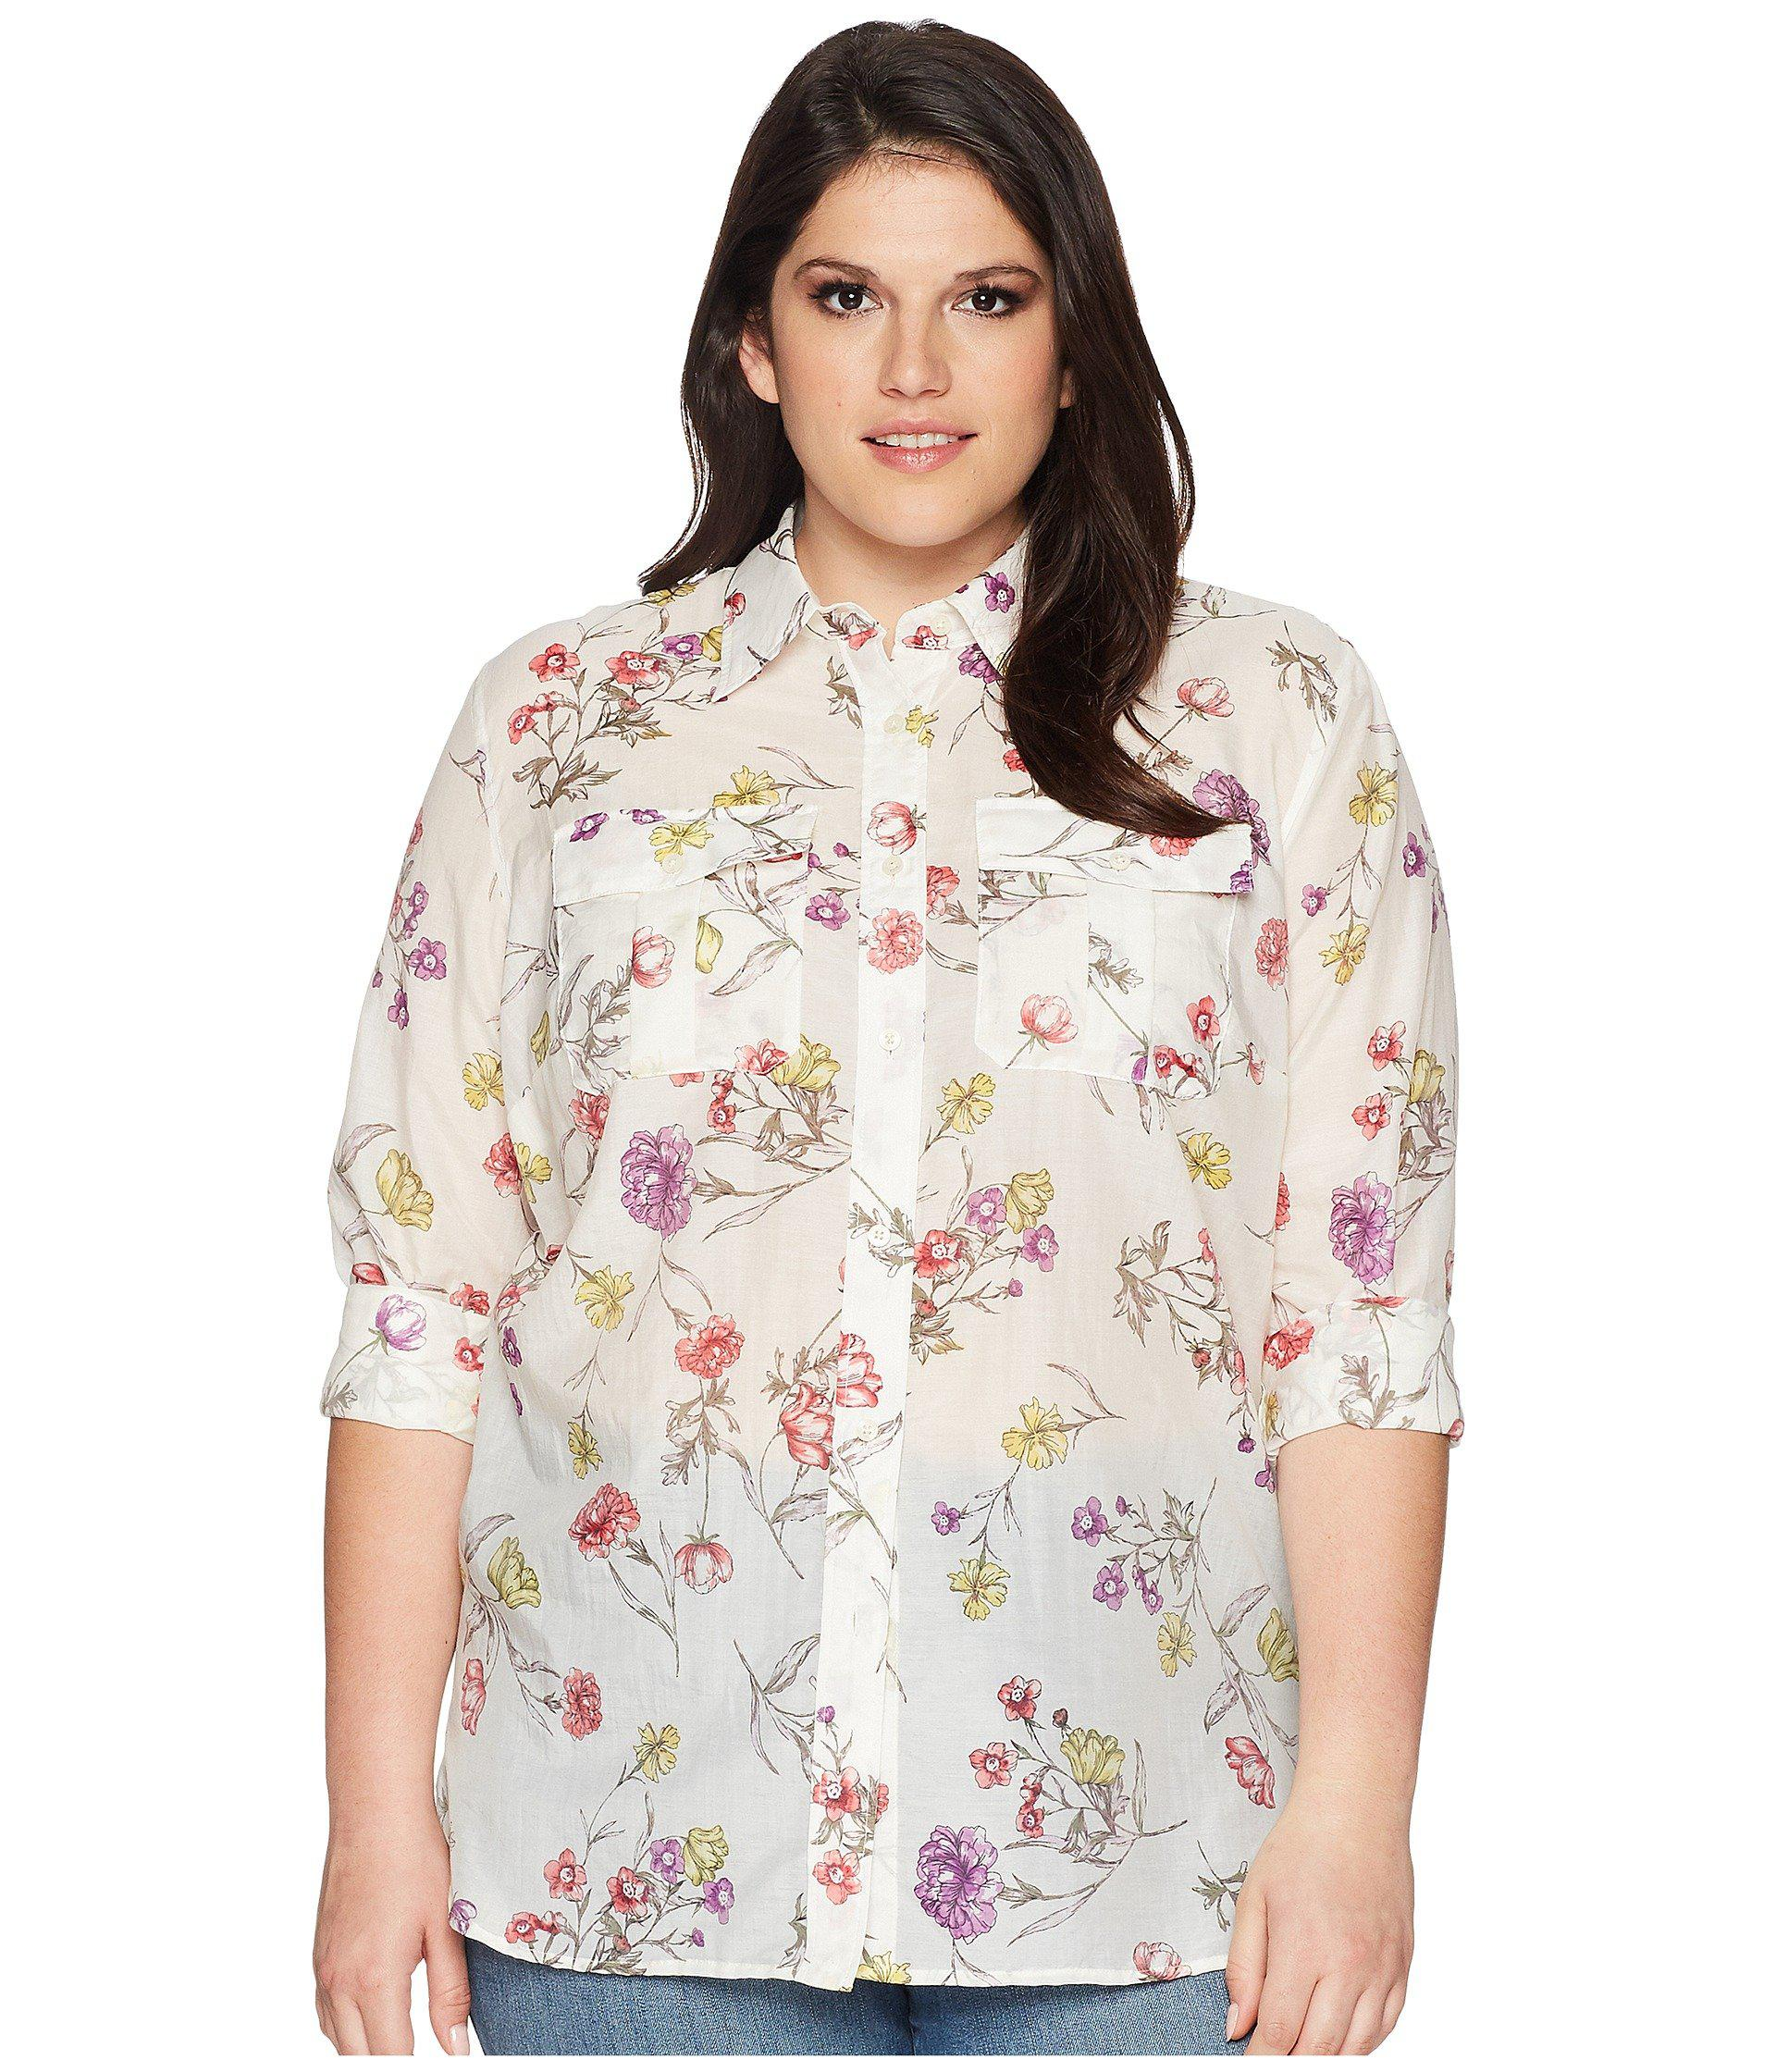 ec7bedce306 Lyst - Lauren by Ralph Lauren Plus Size Floral Cotton-blend Shirt ...